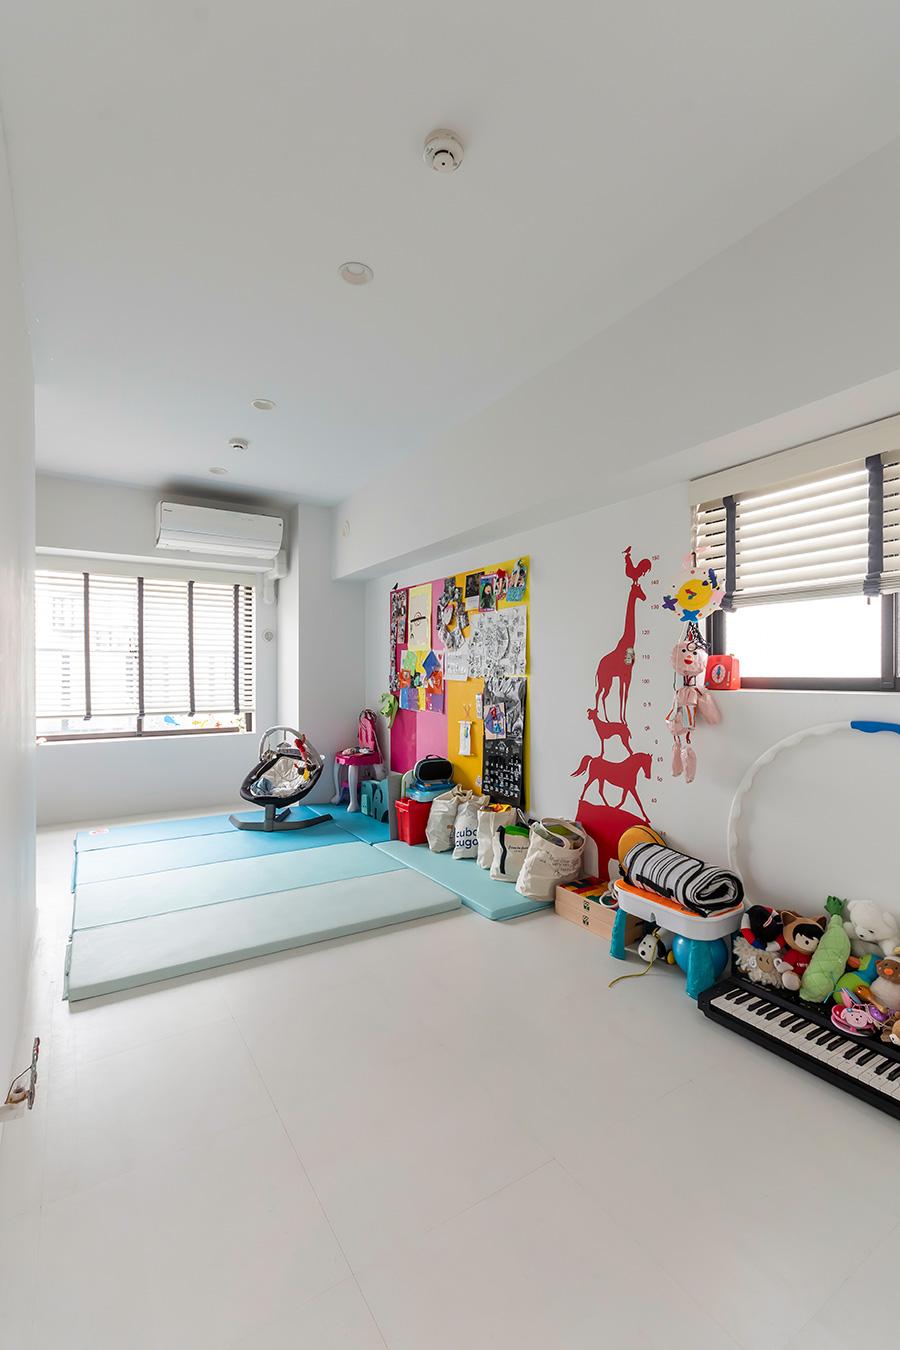 子供の成長を考え、子供部屋は広めに。